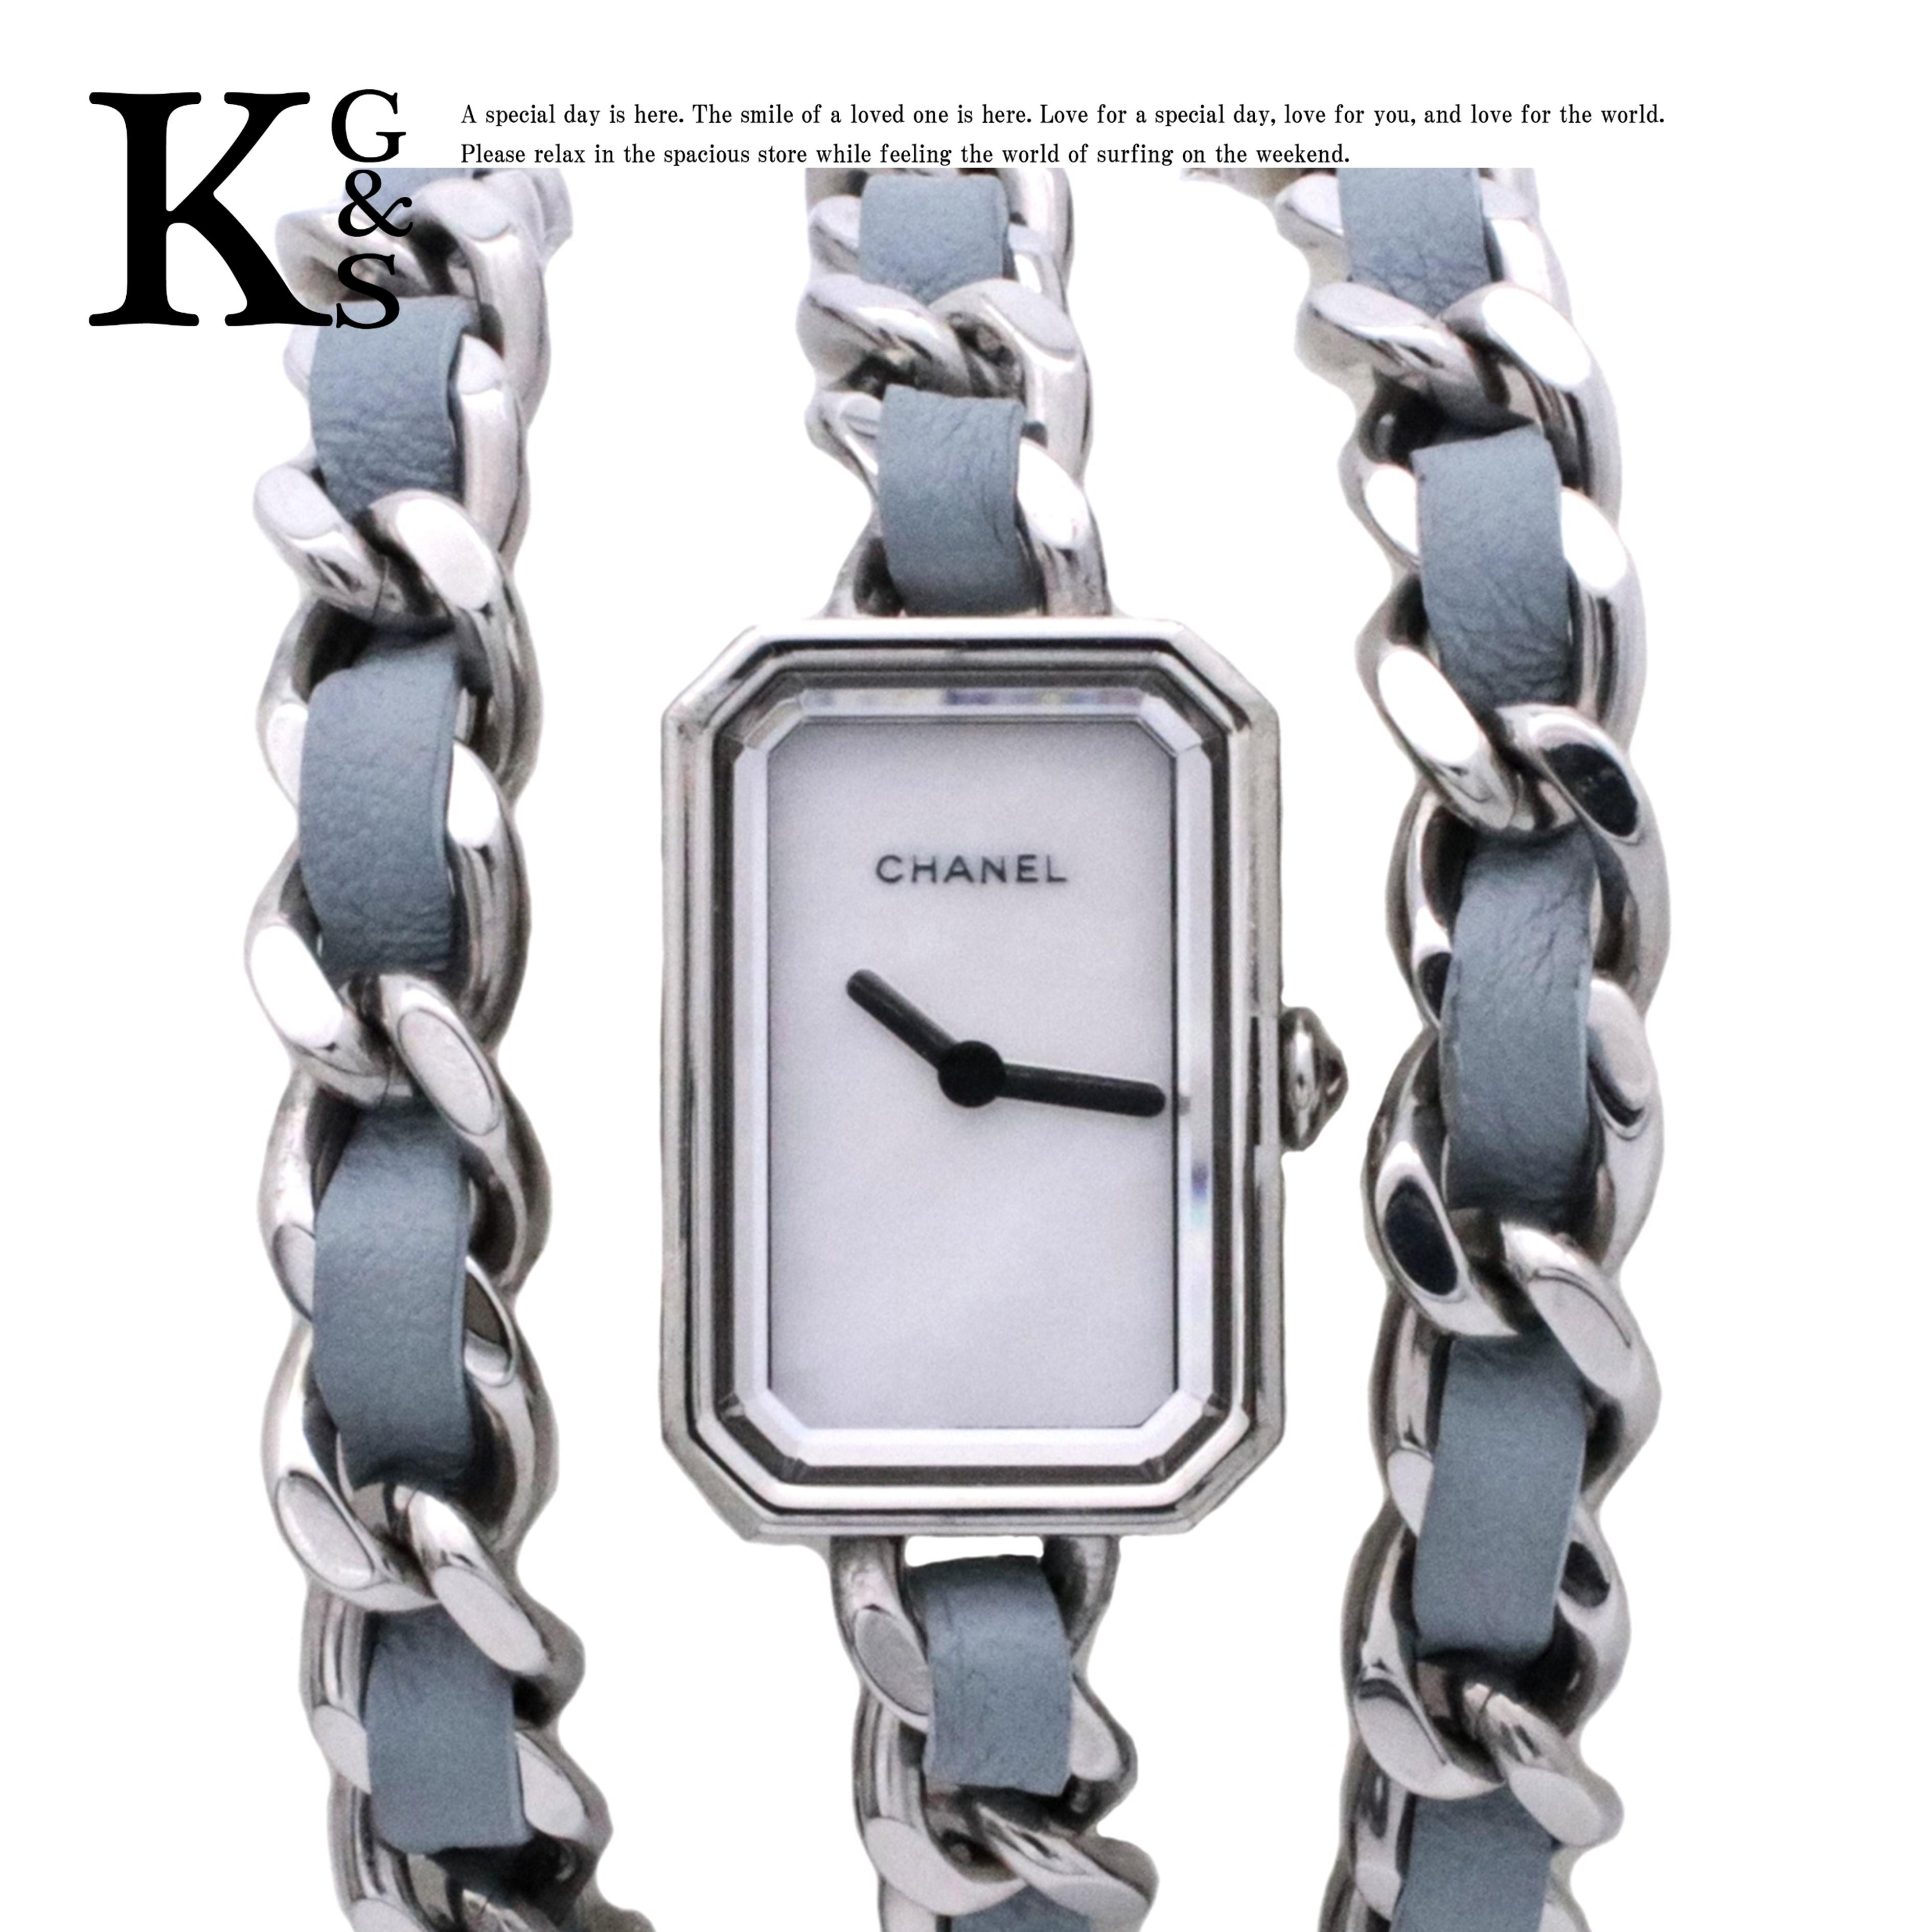 【ギフト品質】【世界限定1,000本】シャネル/CHANEL レディース プルミエール ロック パステルブルー 3連ブレスレット シェル文字盤 腕時計 クオーツ H4327